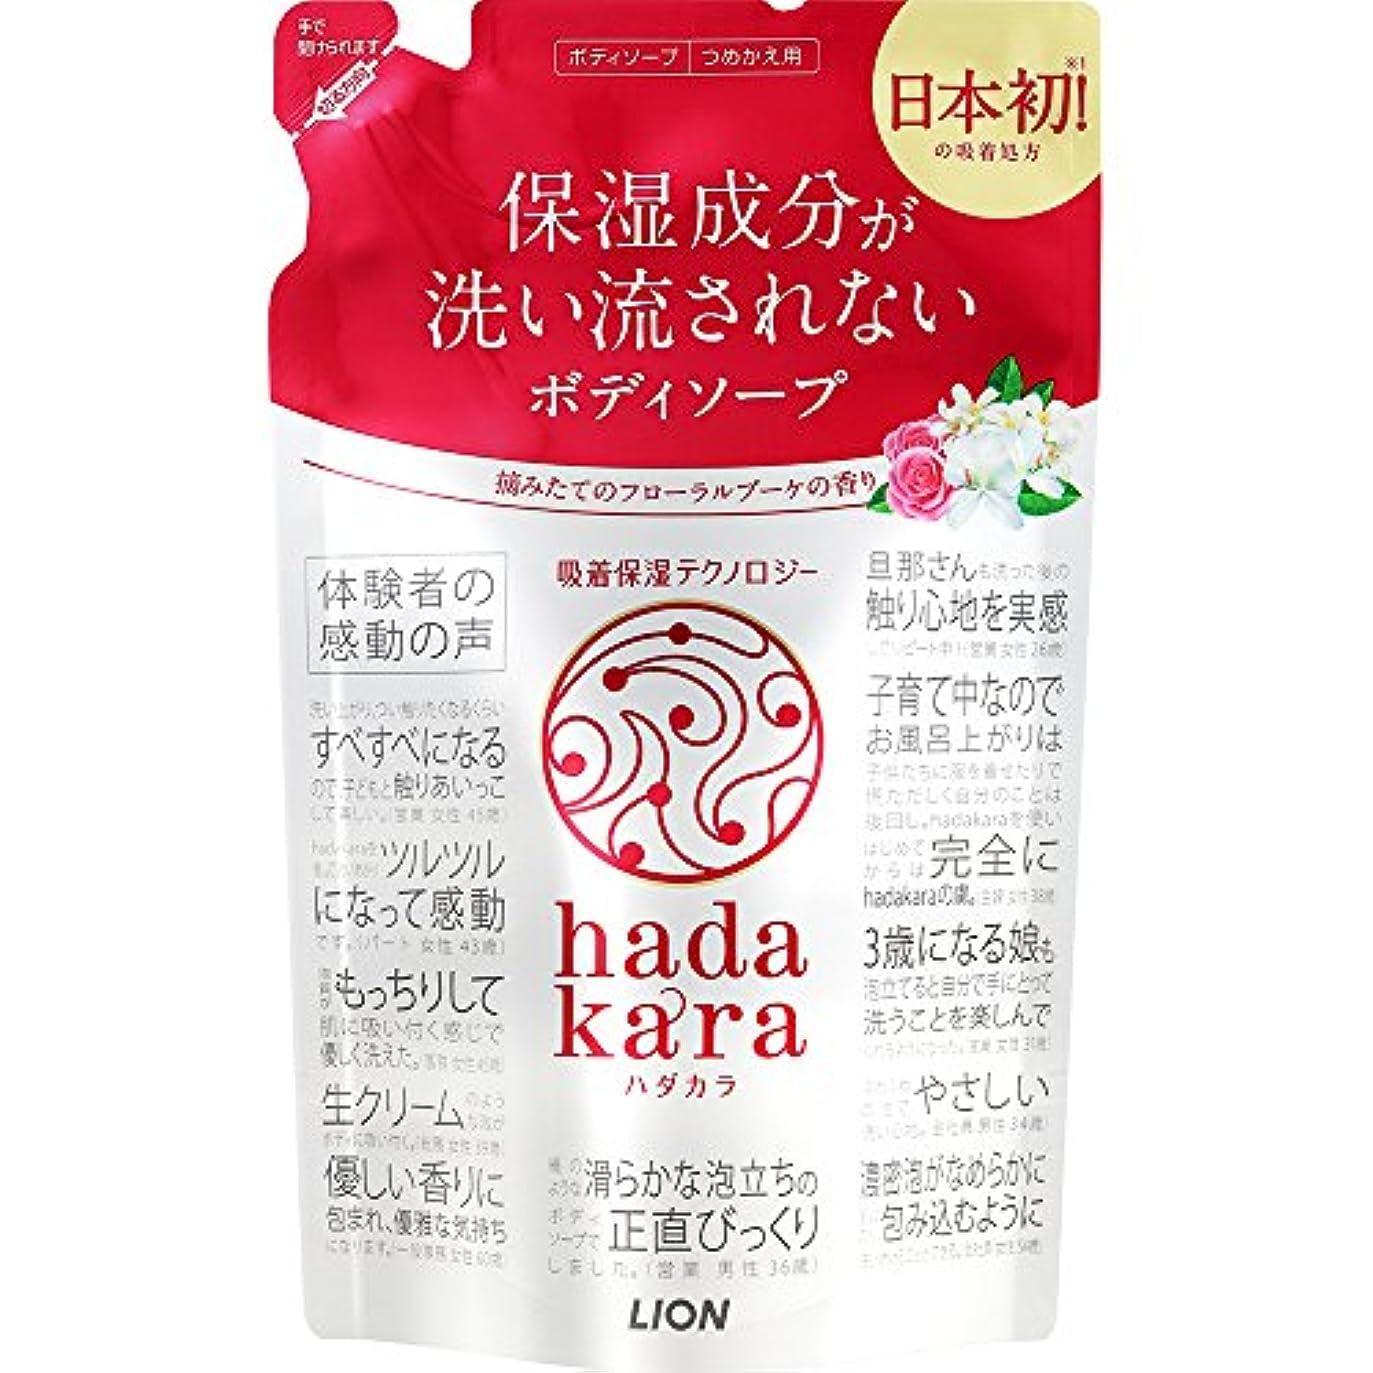 対浮浪者多数のhadakara(ハダカラ) ボディソープ フローラルブーケの香り 詰め替え 360ml